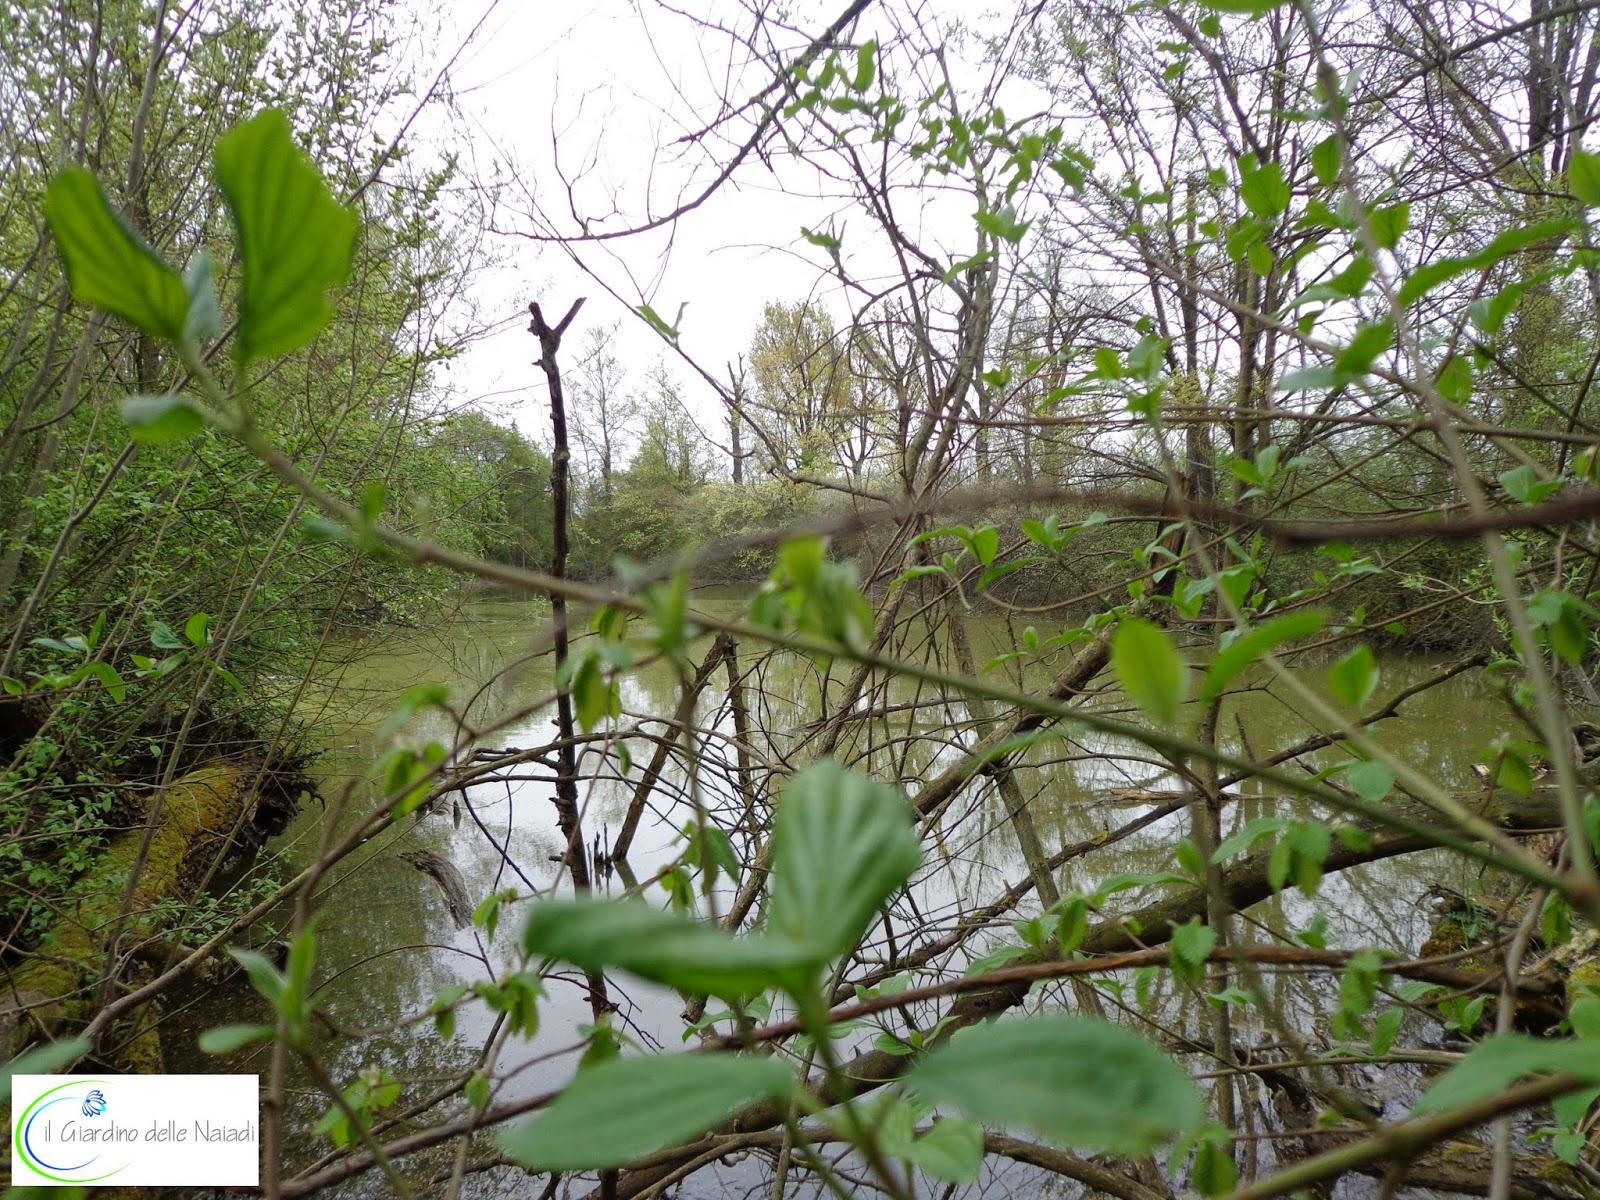 Il giardino delle naiadi abitanti dello stagno idrofilo for Ecosistema dello stagno